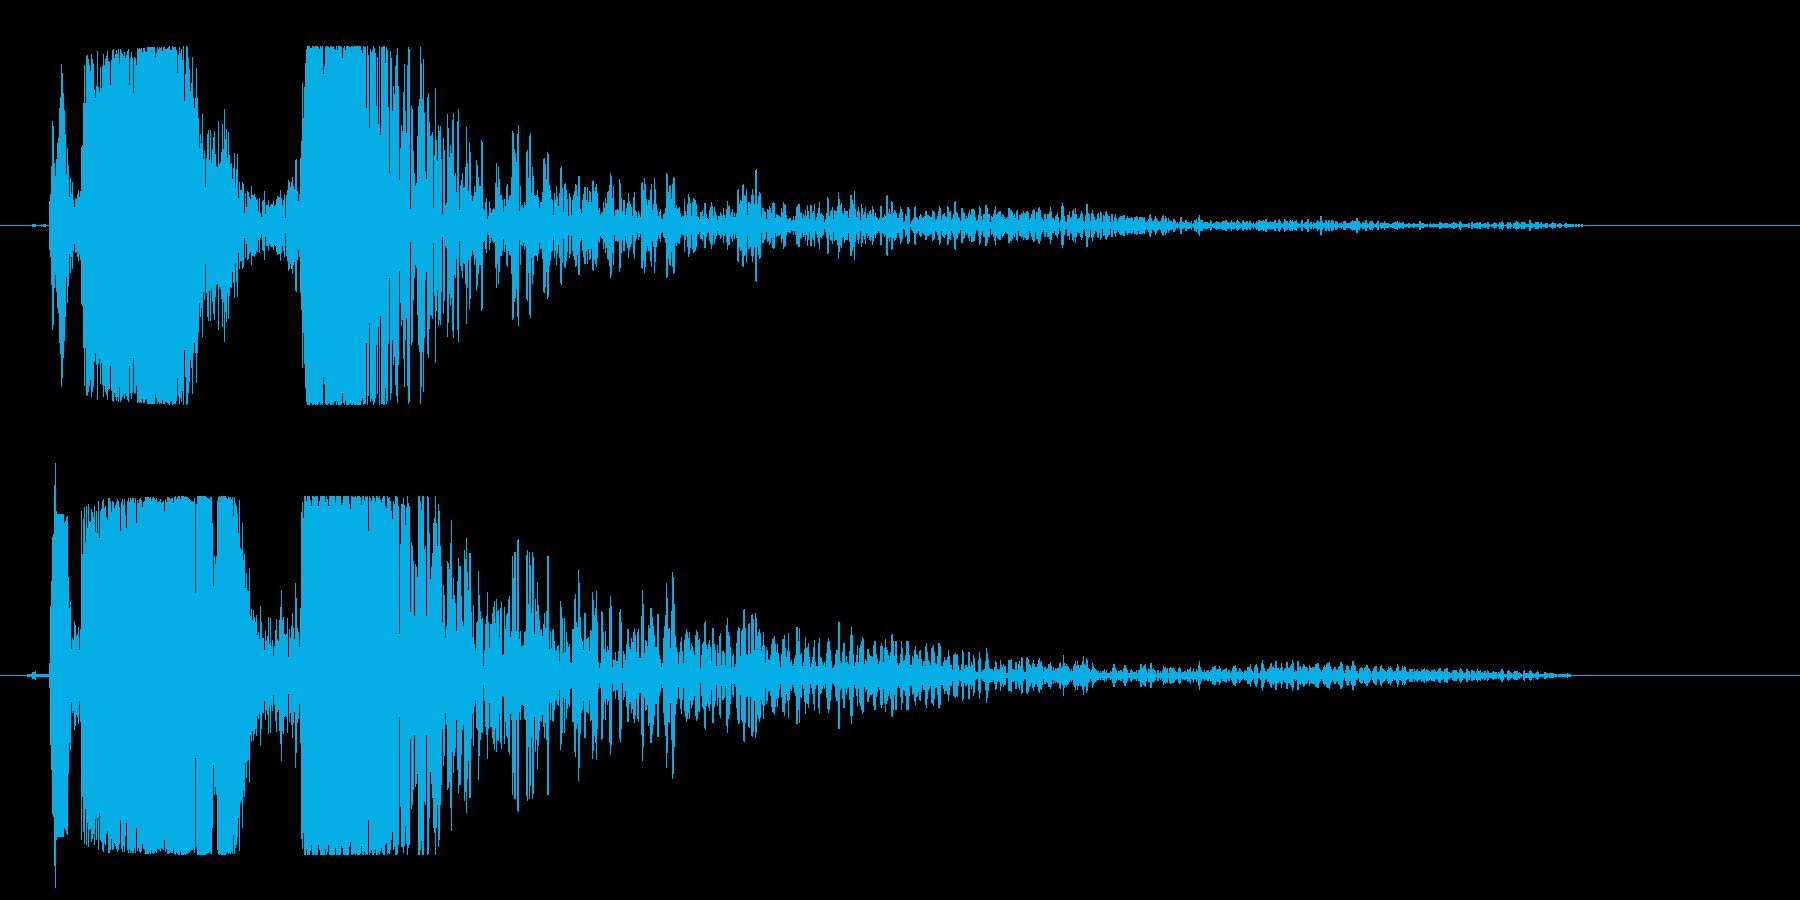 チュド〜ン(発射音)の再生済みの波形